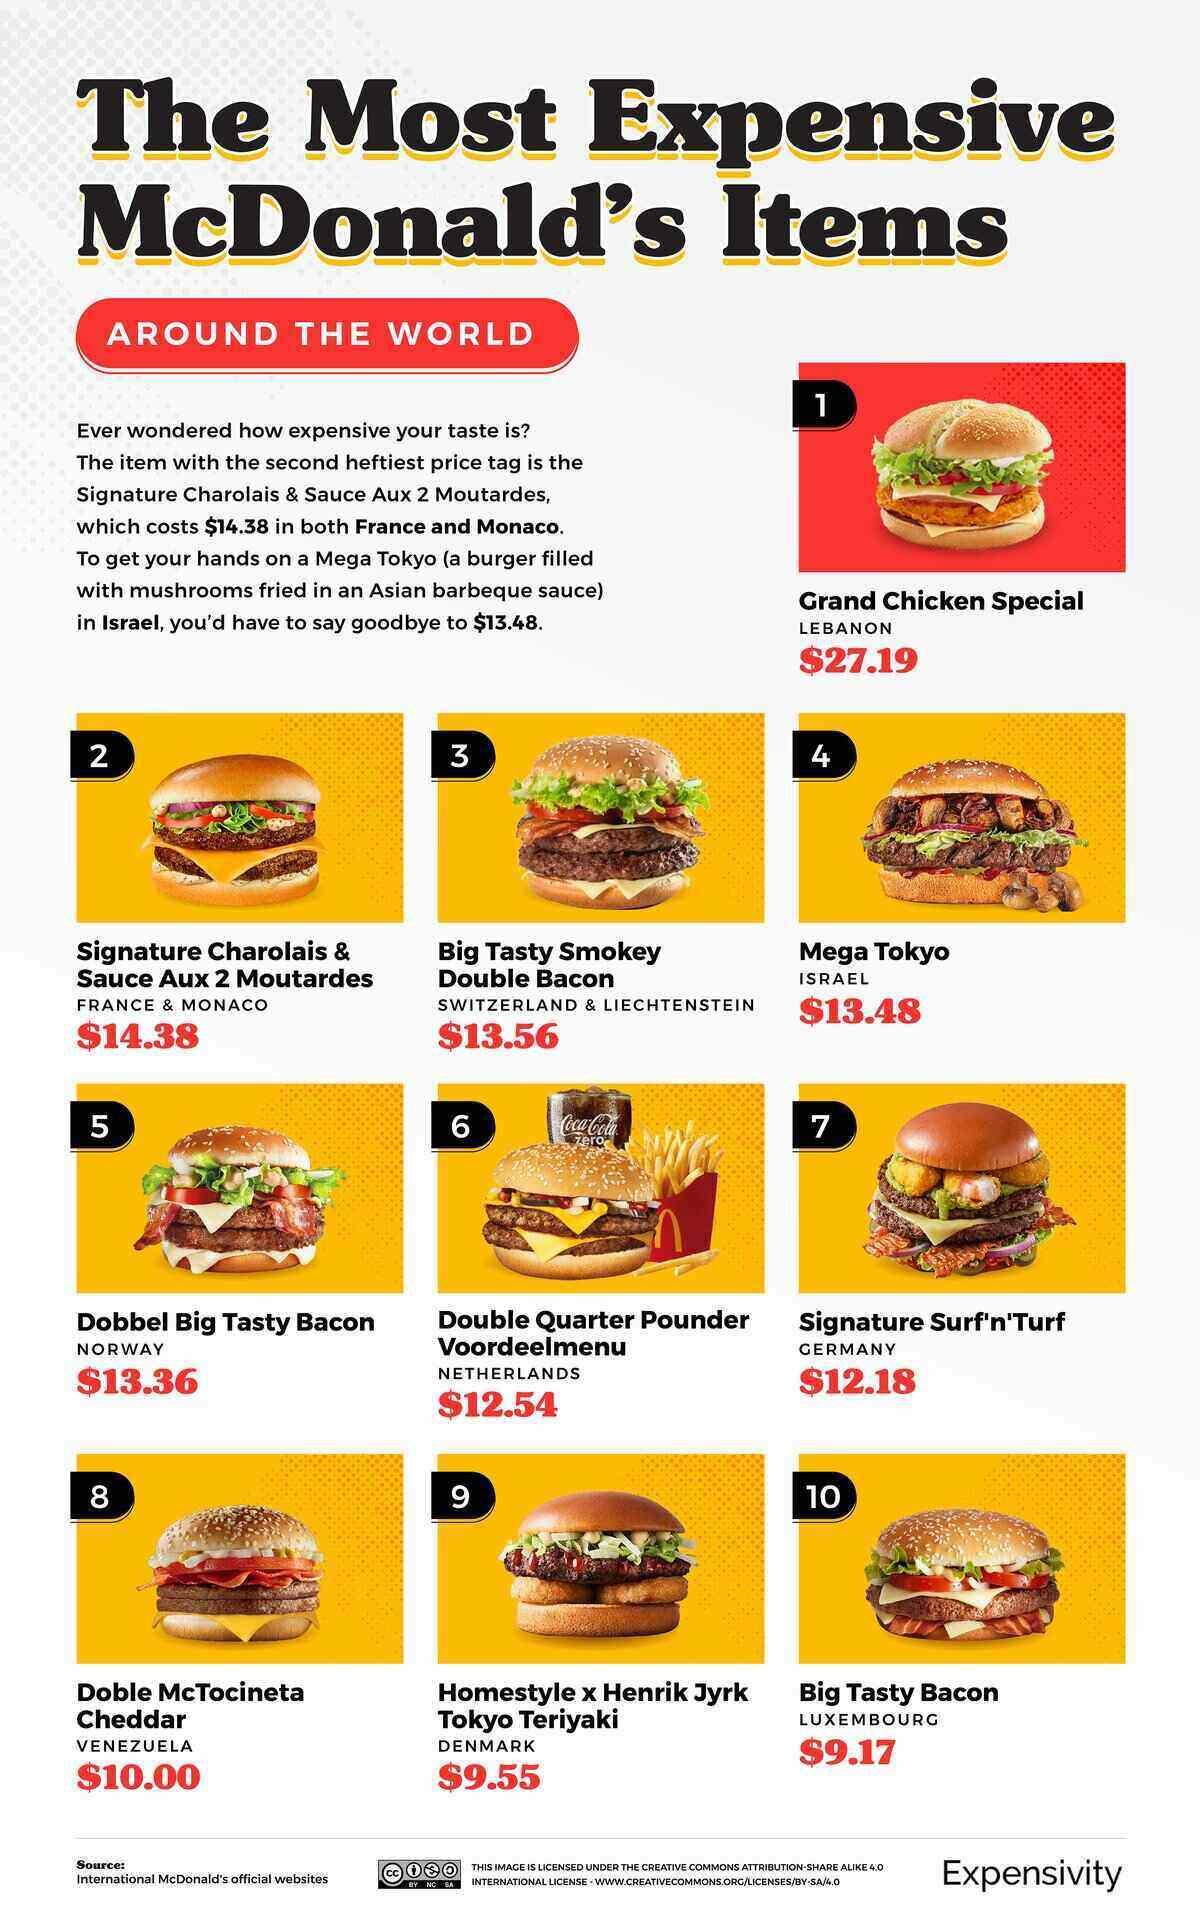 McDonald's Most Expensive Menu Items